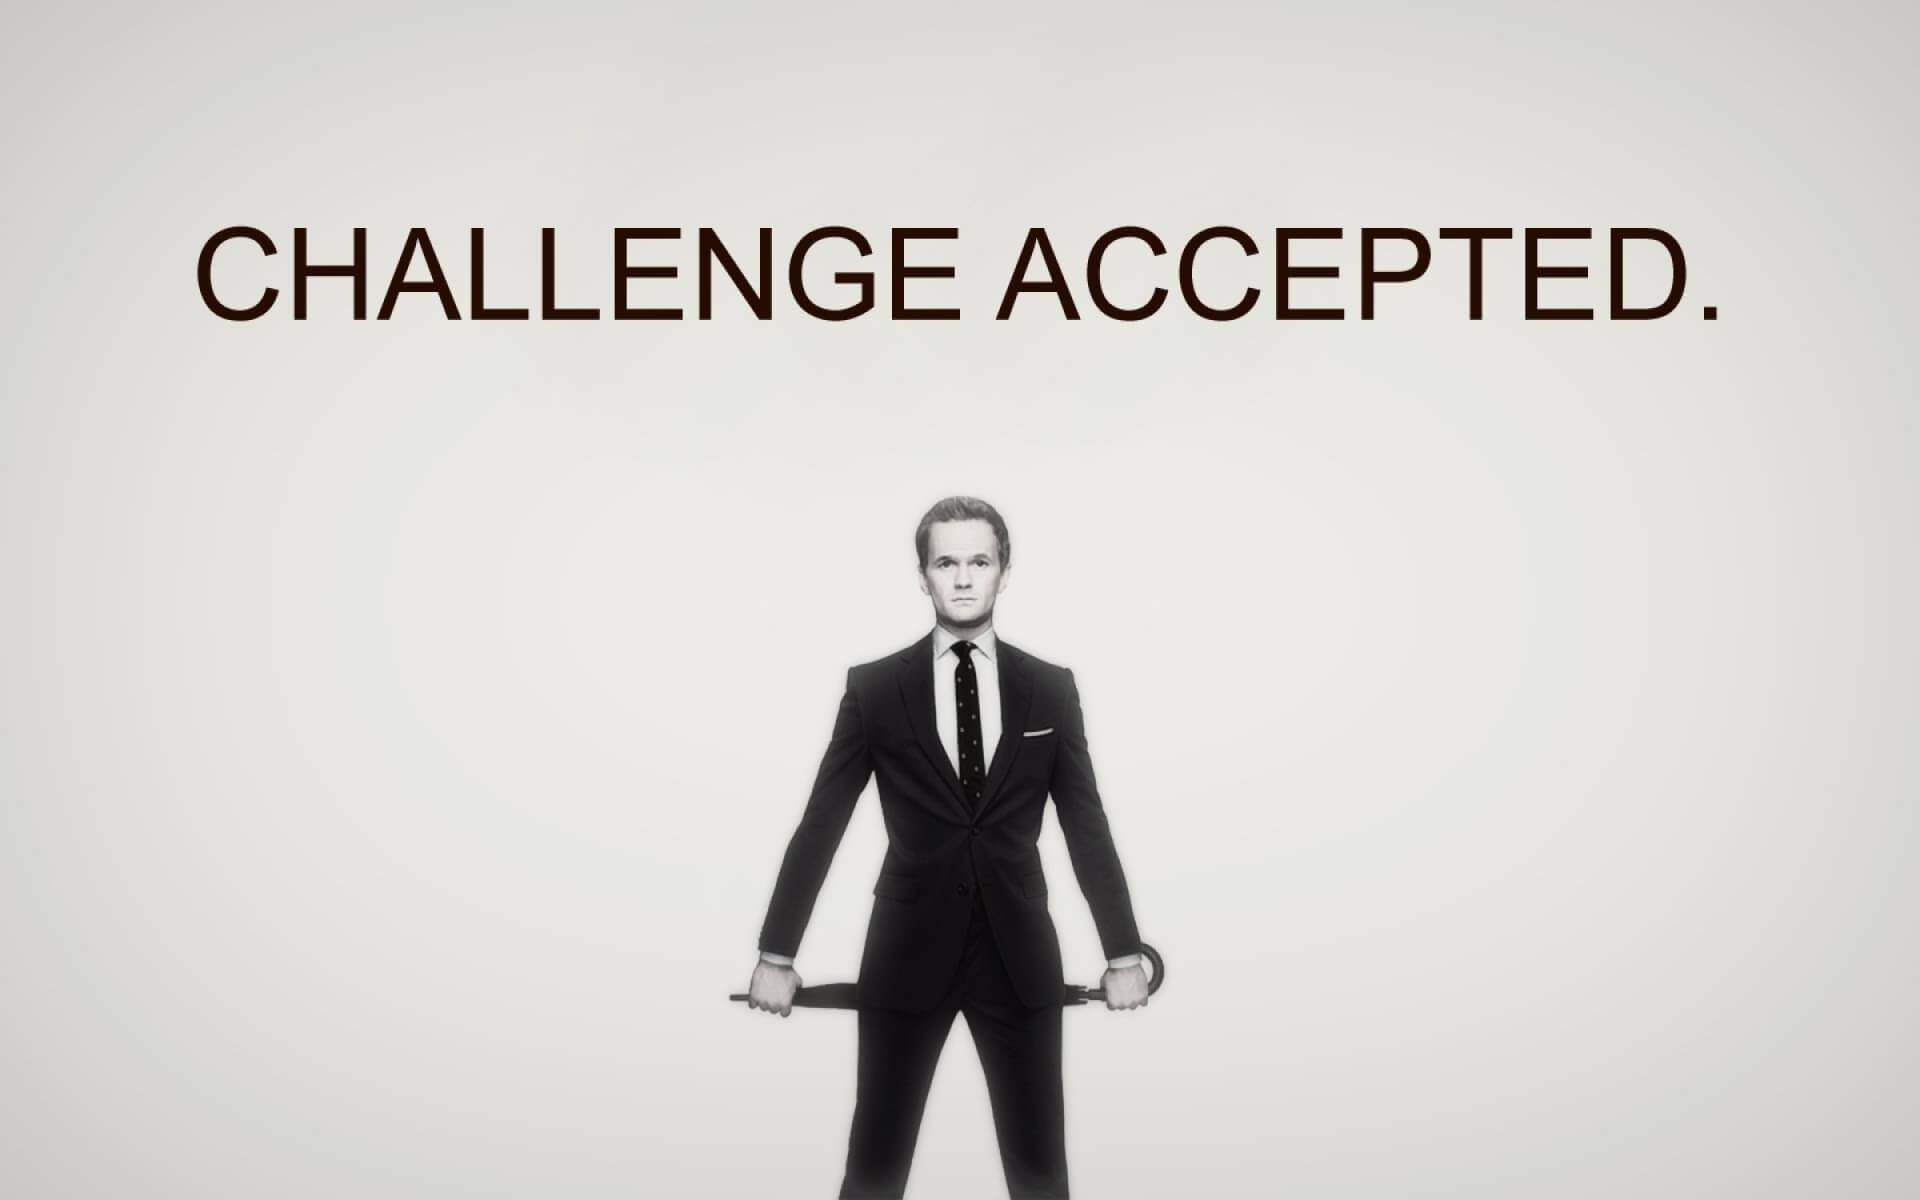 De um simples teste à um desafio pessoal